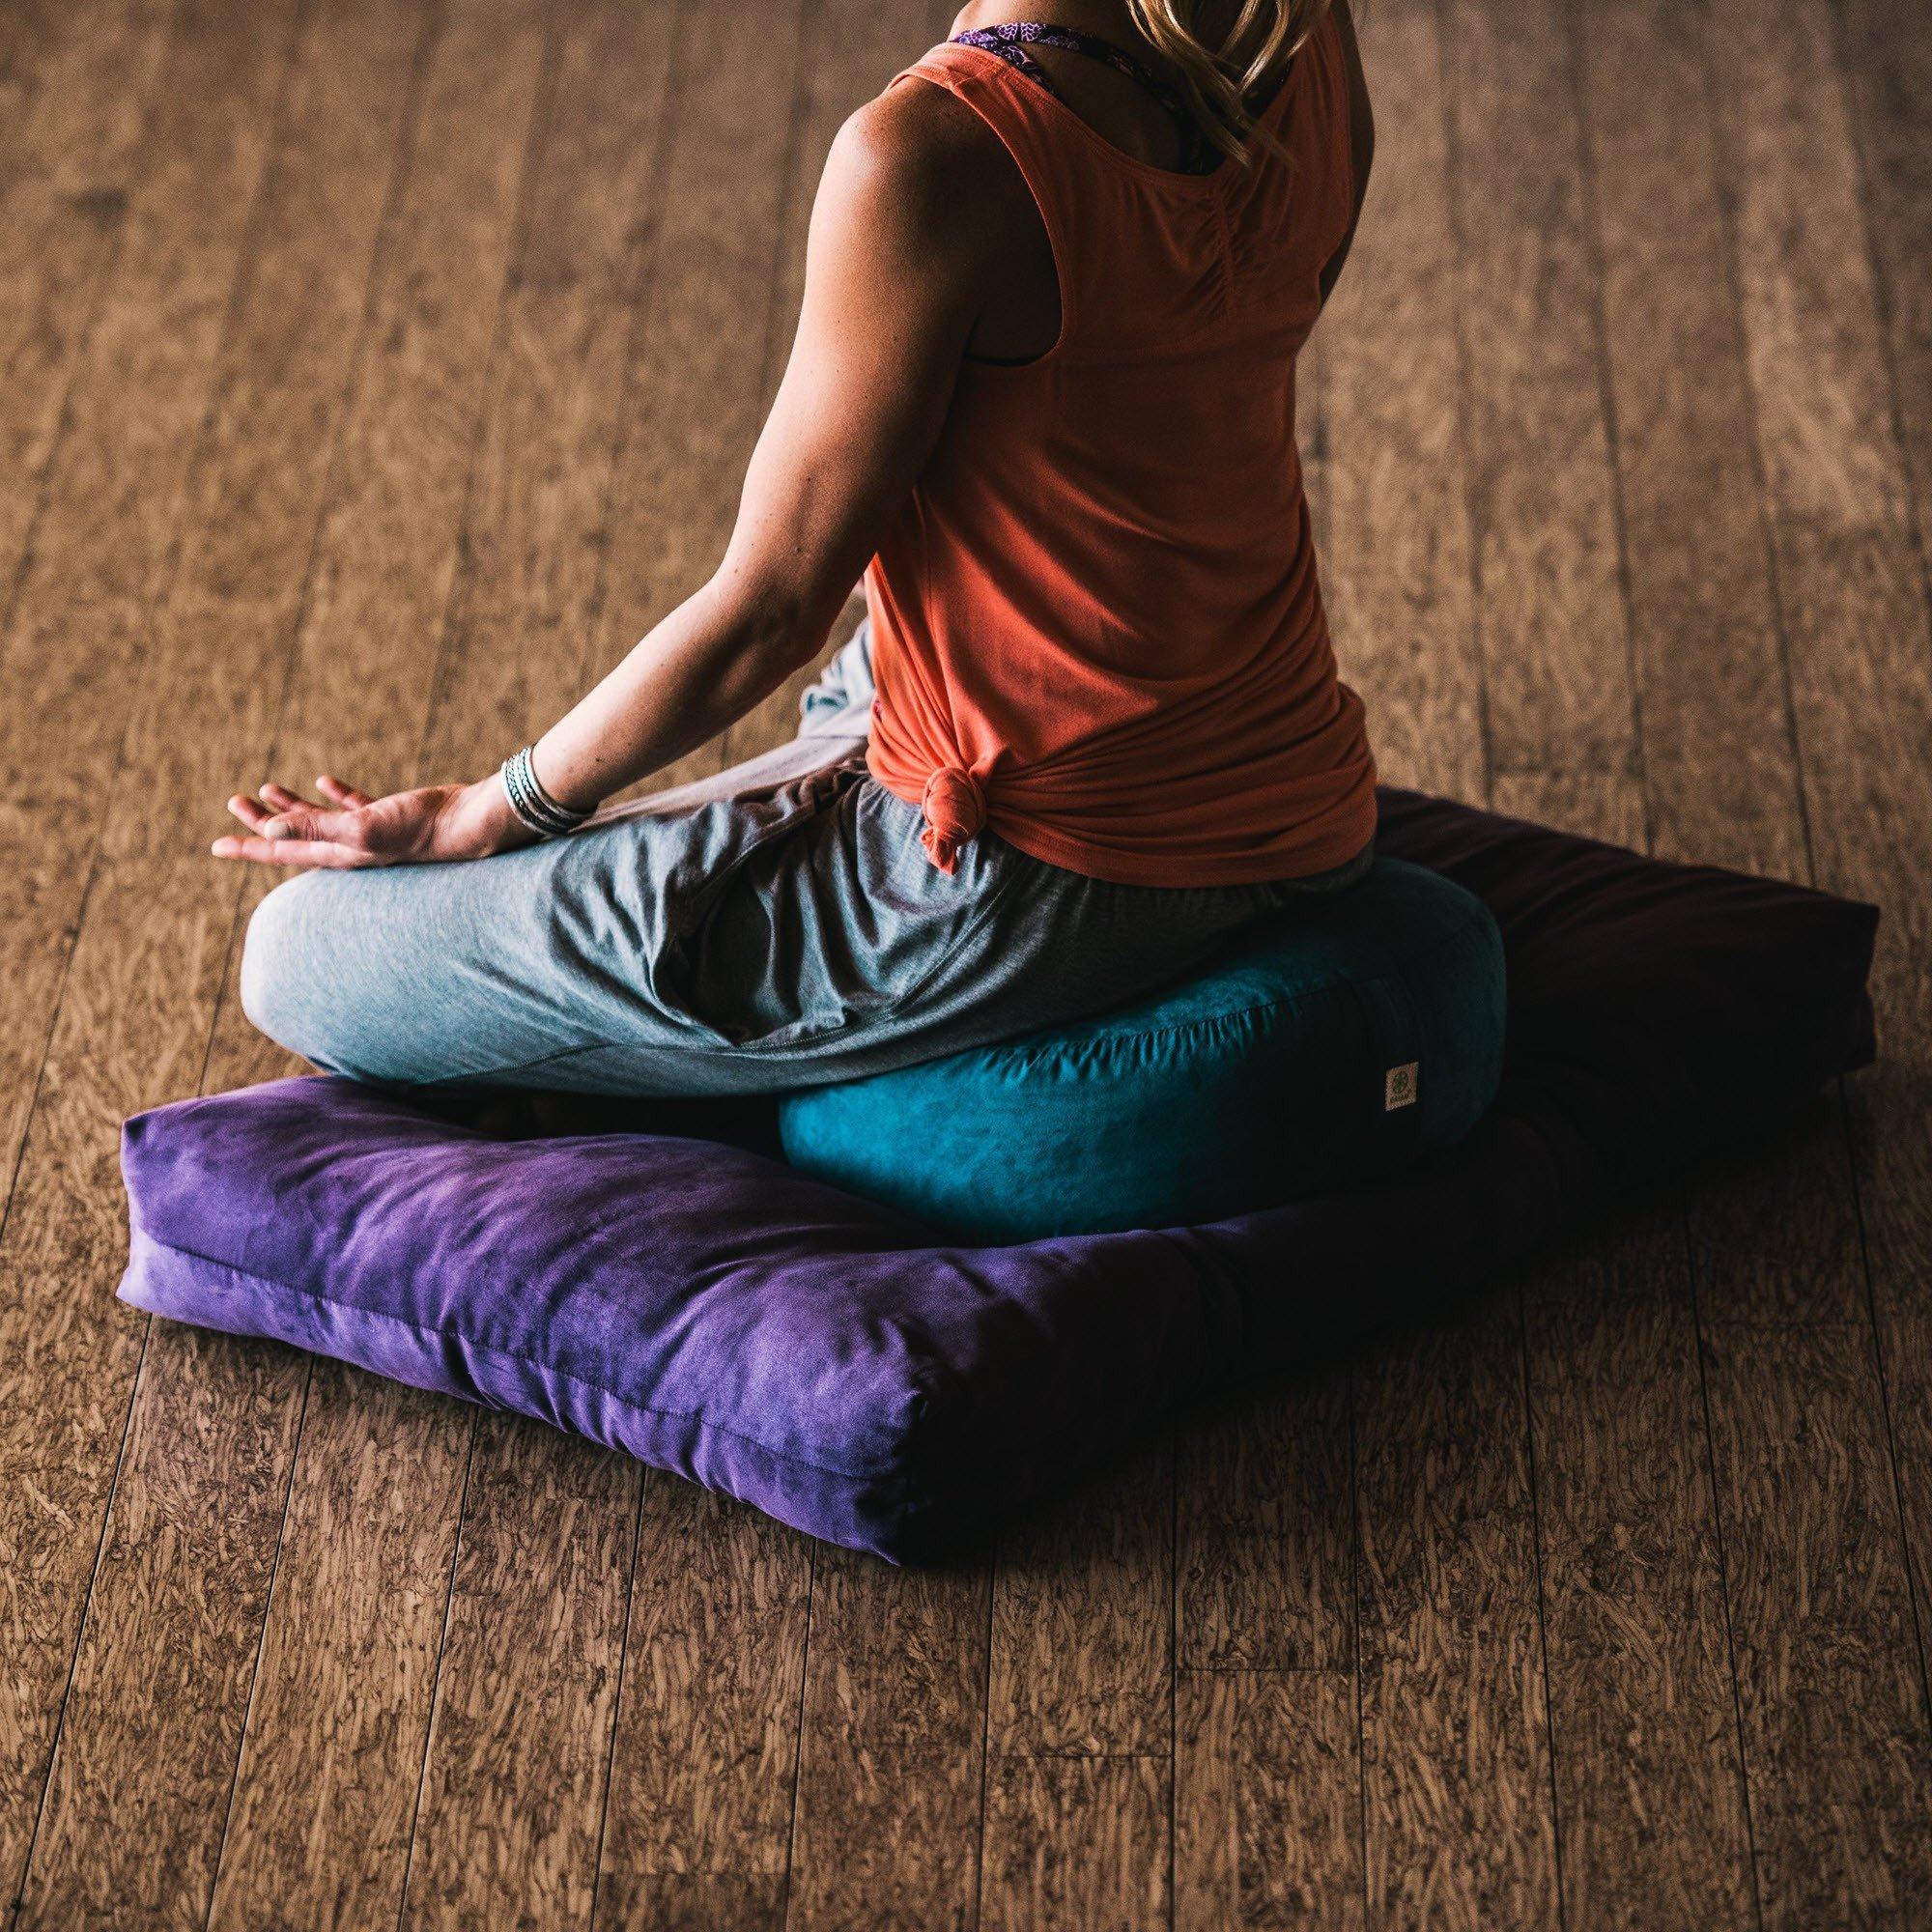 Gaiam Zafu Meditation Cushion - Health Alchemist Training Shop